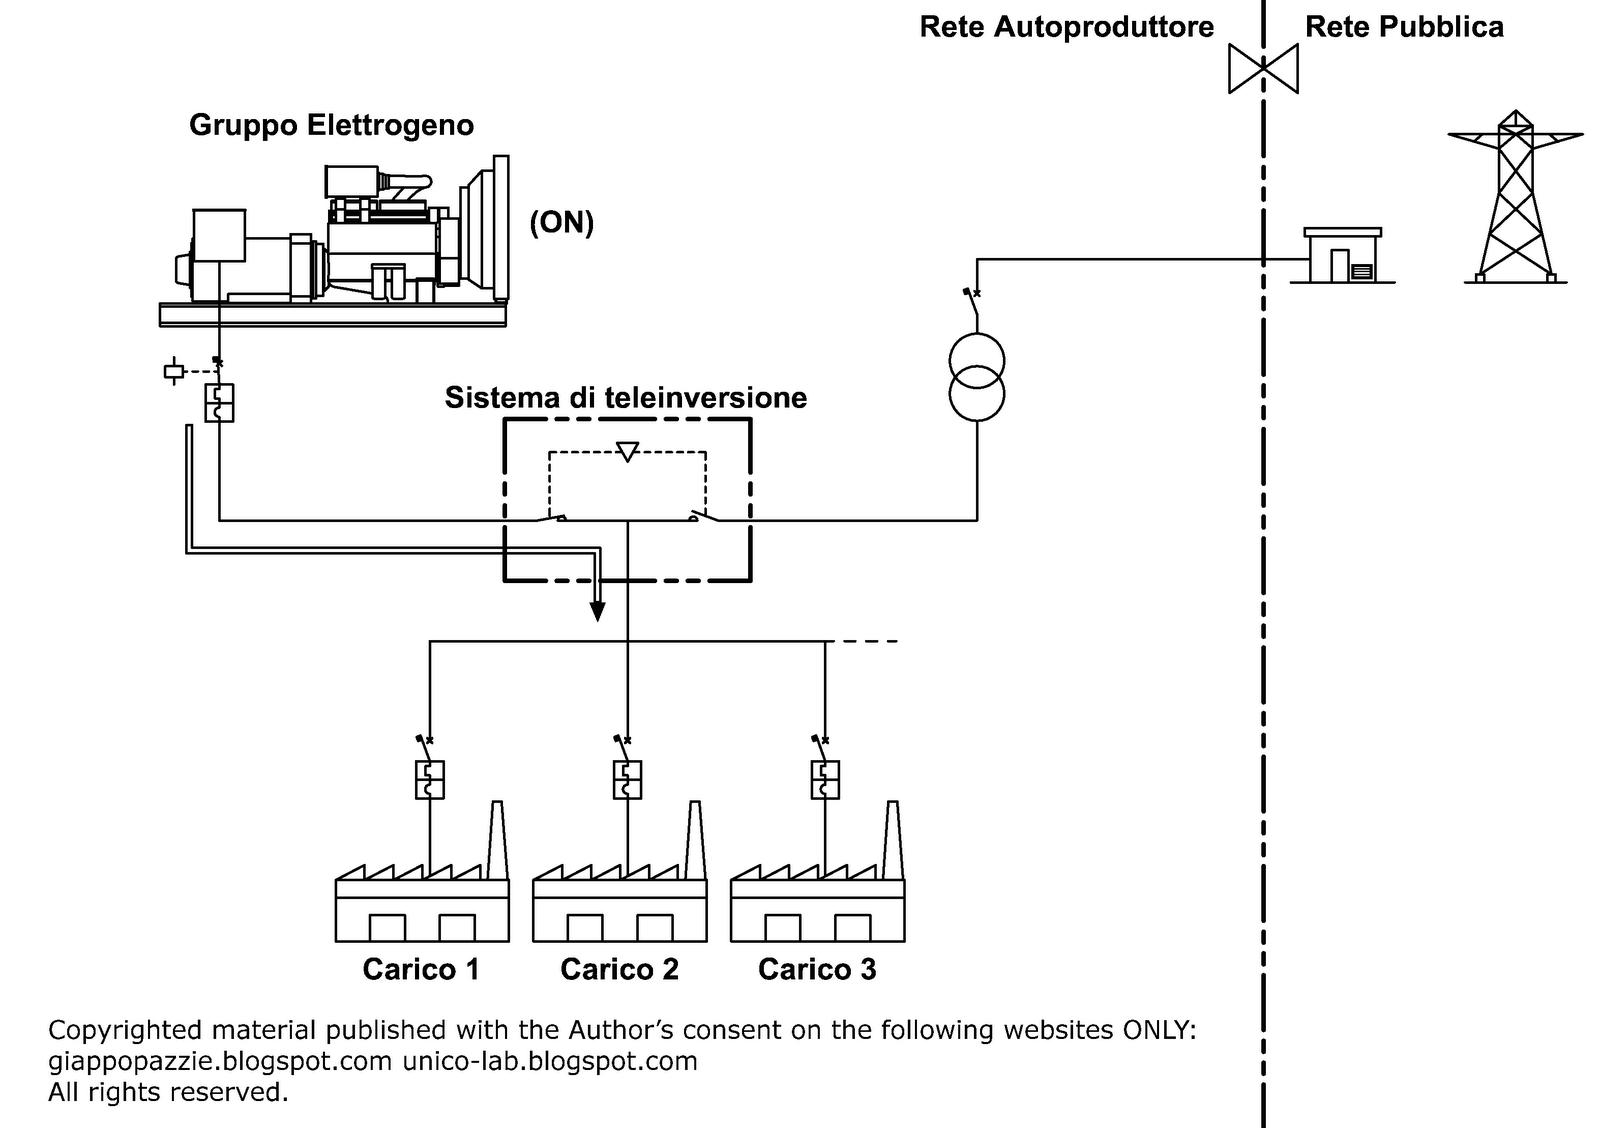 Schema Collegamento Gruppo Frigo : Schema collegamento gruppo elettrogeno alla rete fare di